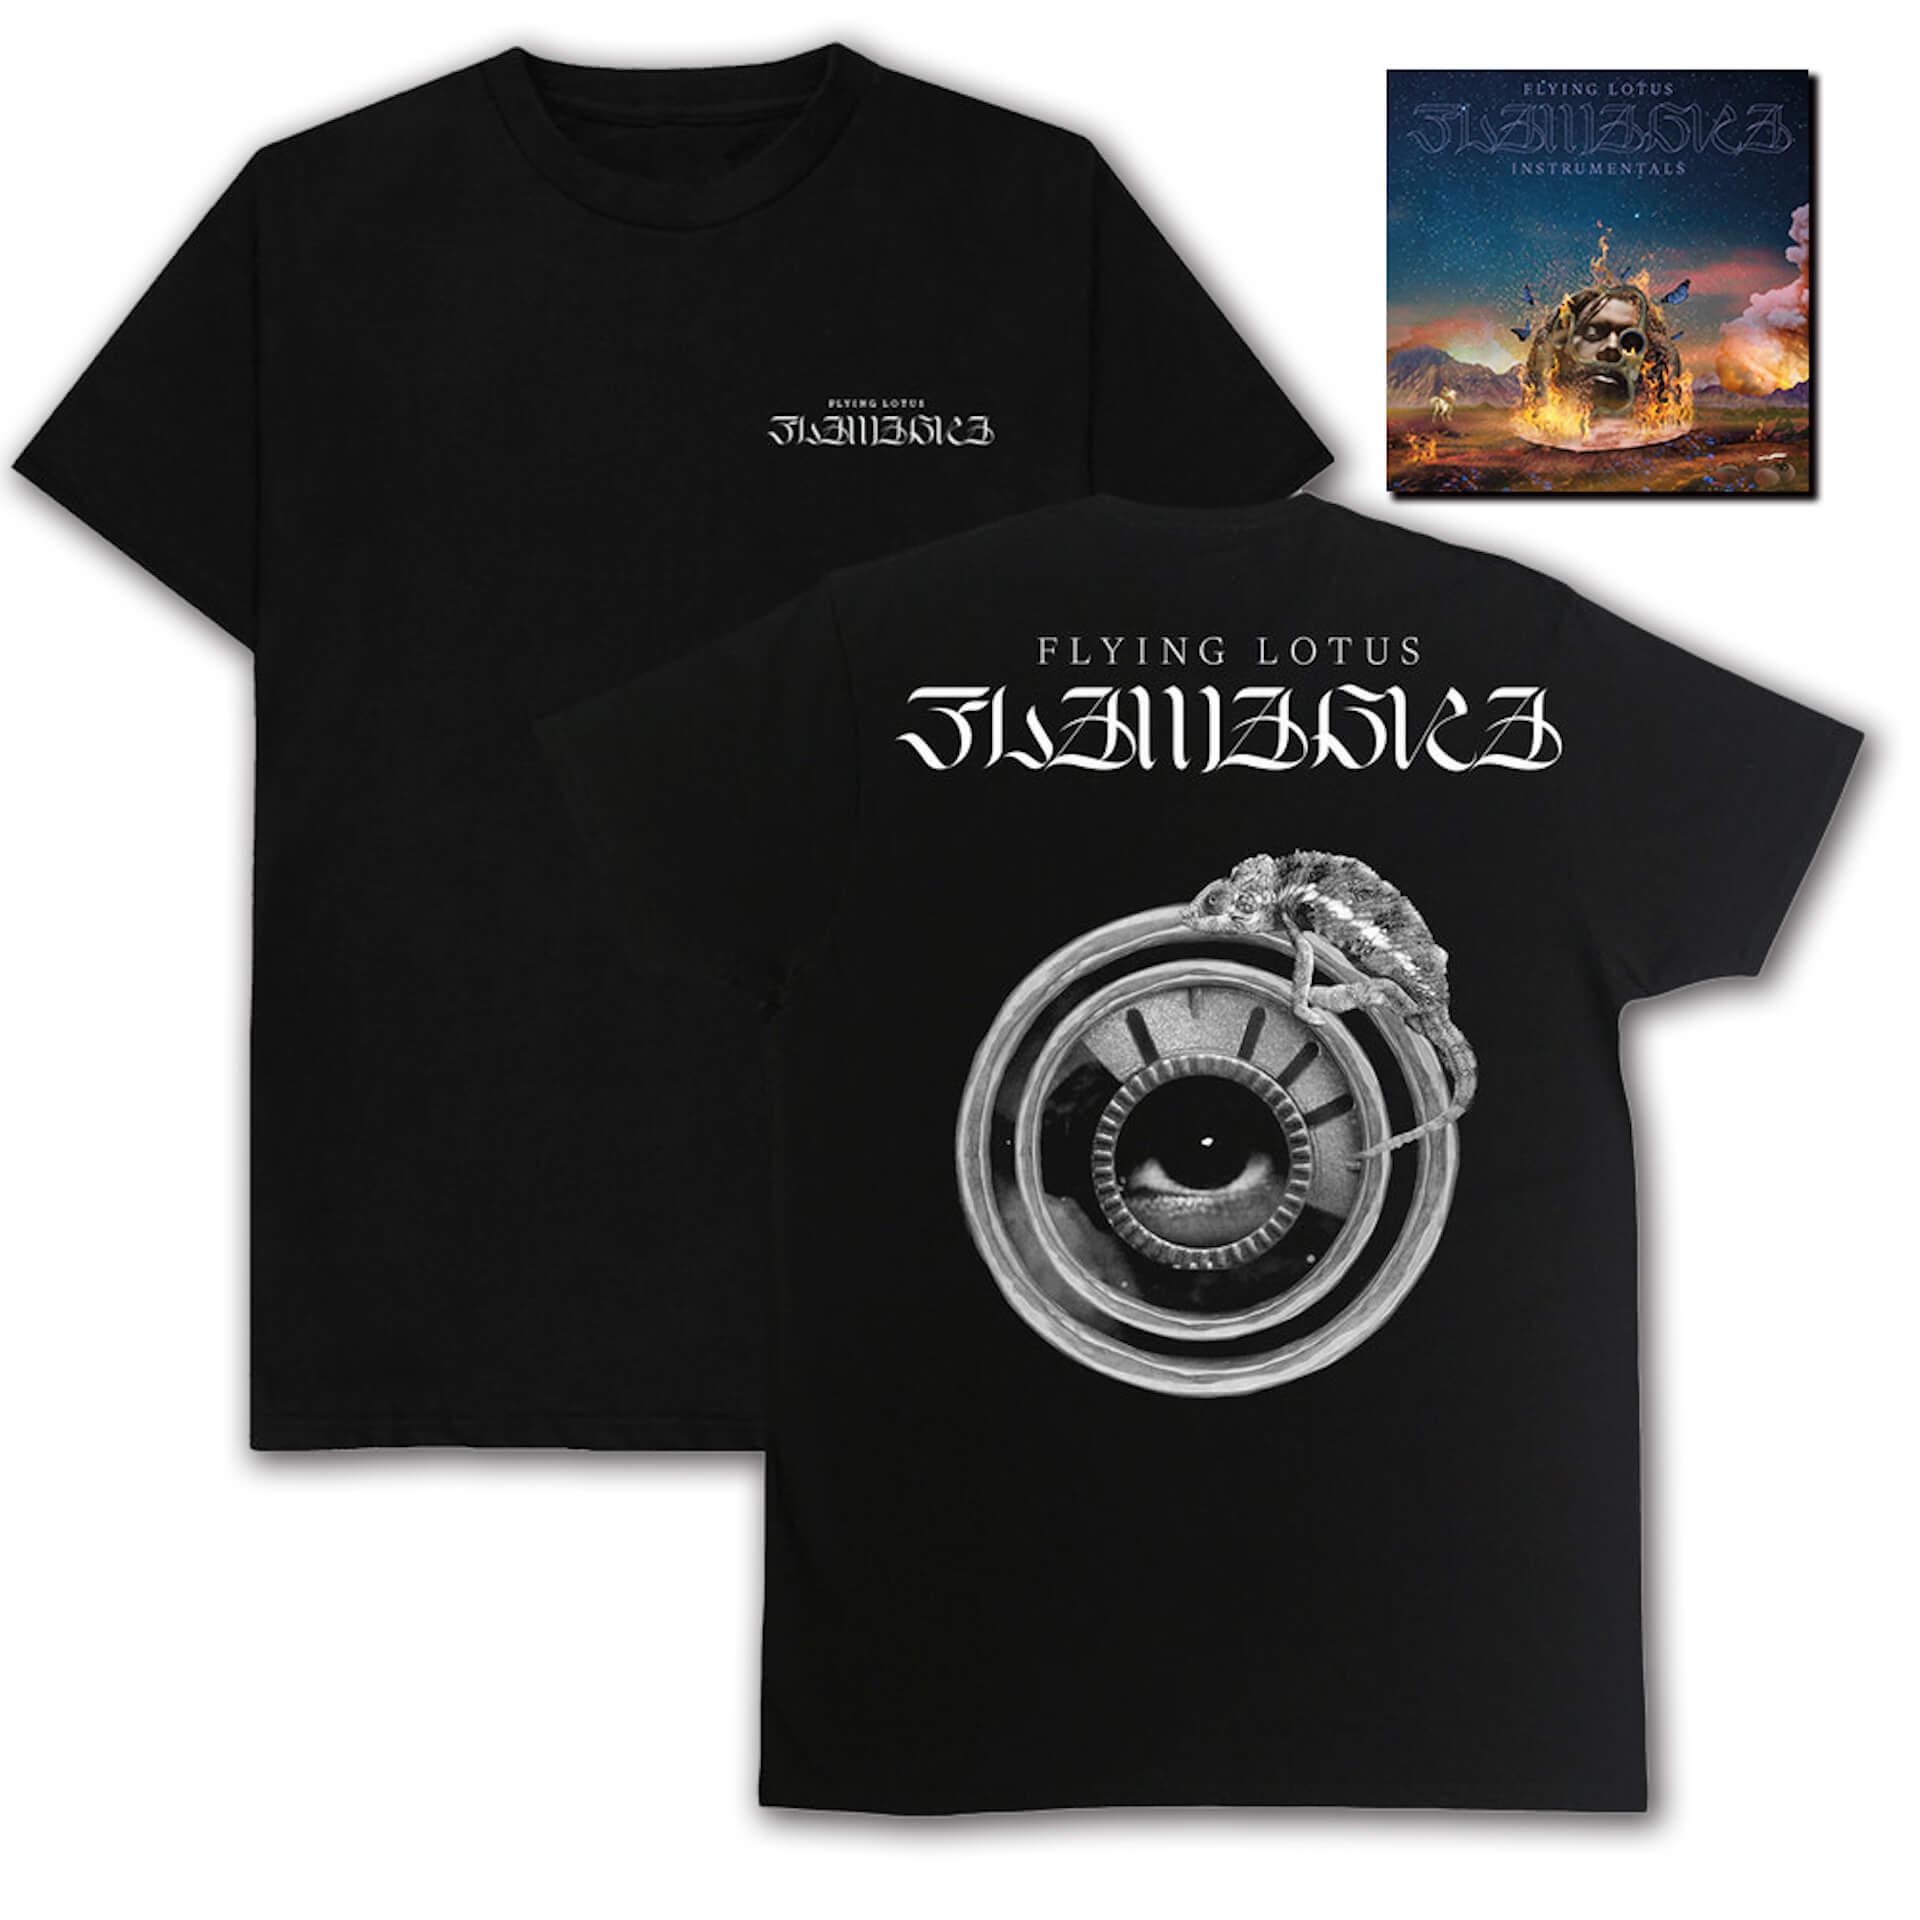 Flying Lotus『Flamagra(Instrumental)』が本日発売!Thundercatらが魅力を語るインタビューが〈Warp〉で掲載 music200529_flyinglotus_2